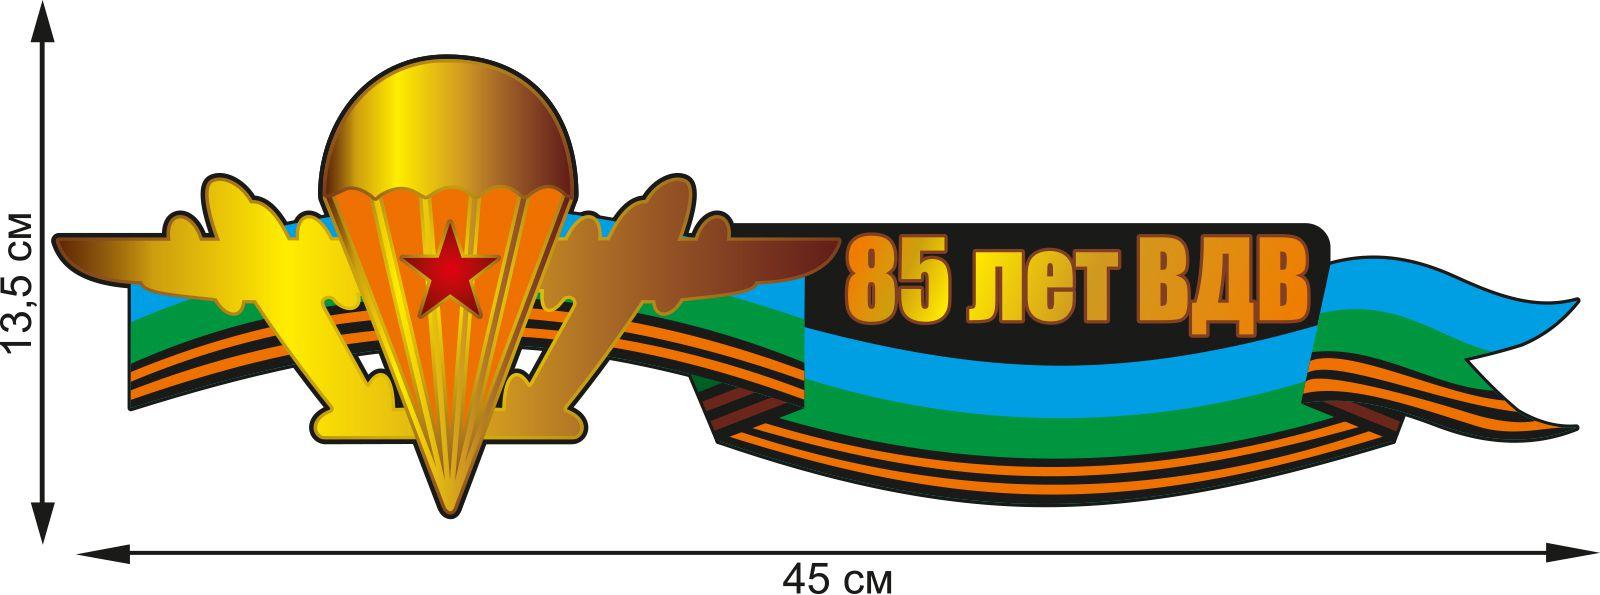 Автомобильная наклейка к 85-летию ВДВ